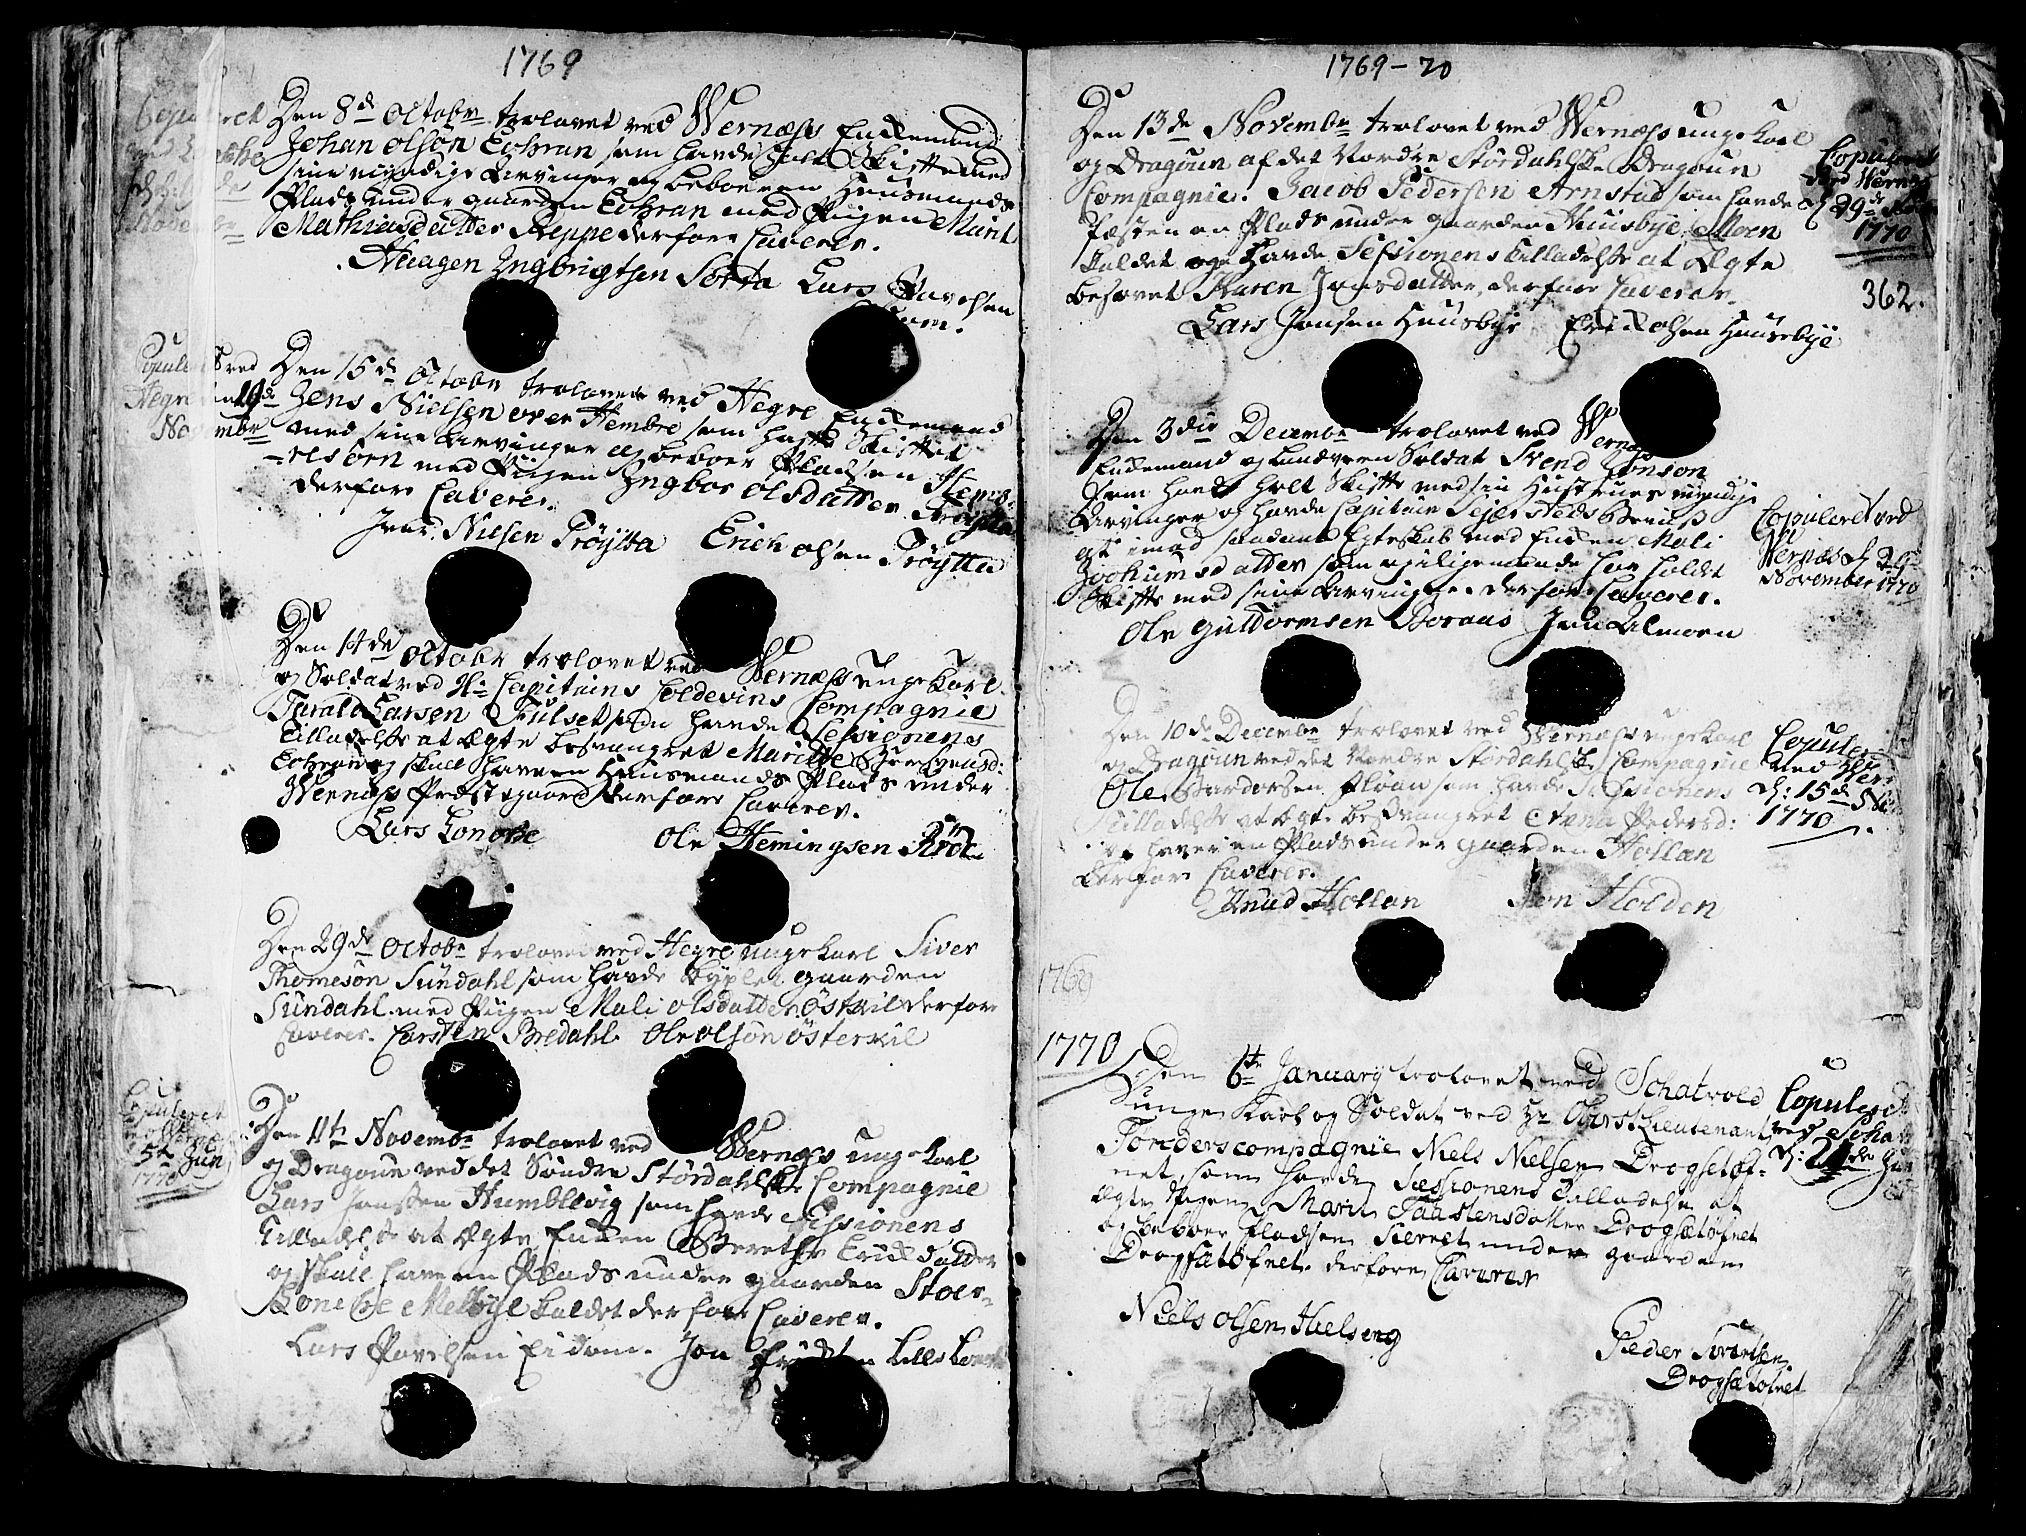 SAT, Ministerialprotokoller, klokkerbøker og fødselsregistre - Nord-Trøndelag, 709/L0057: Ministerialbok nr. 709A05, 1755-1780, s. 362